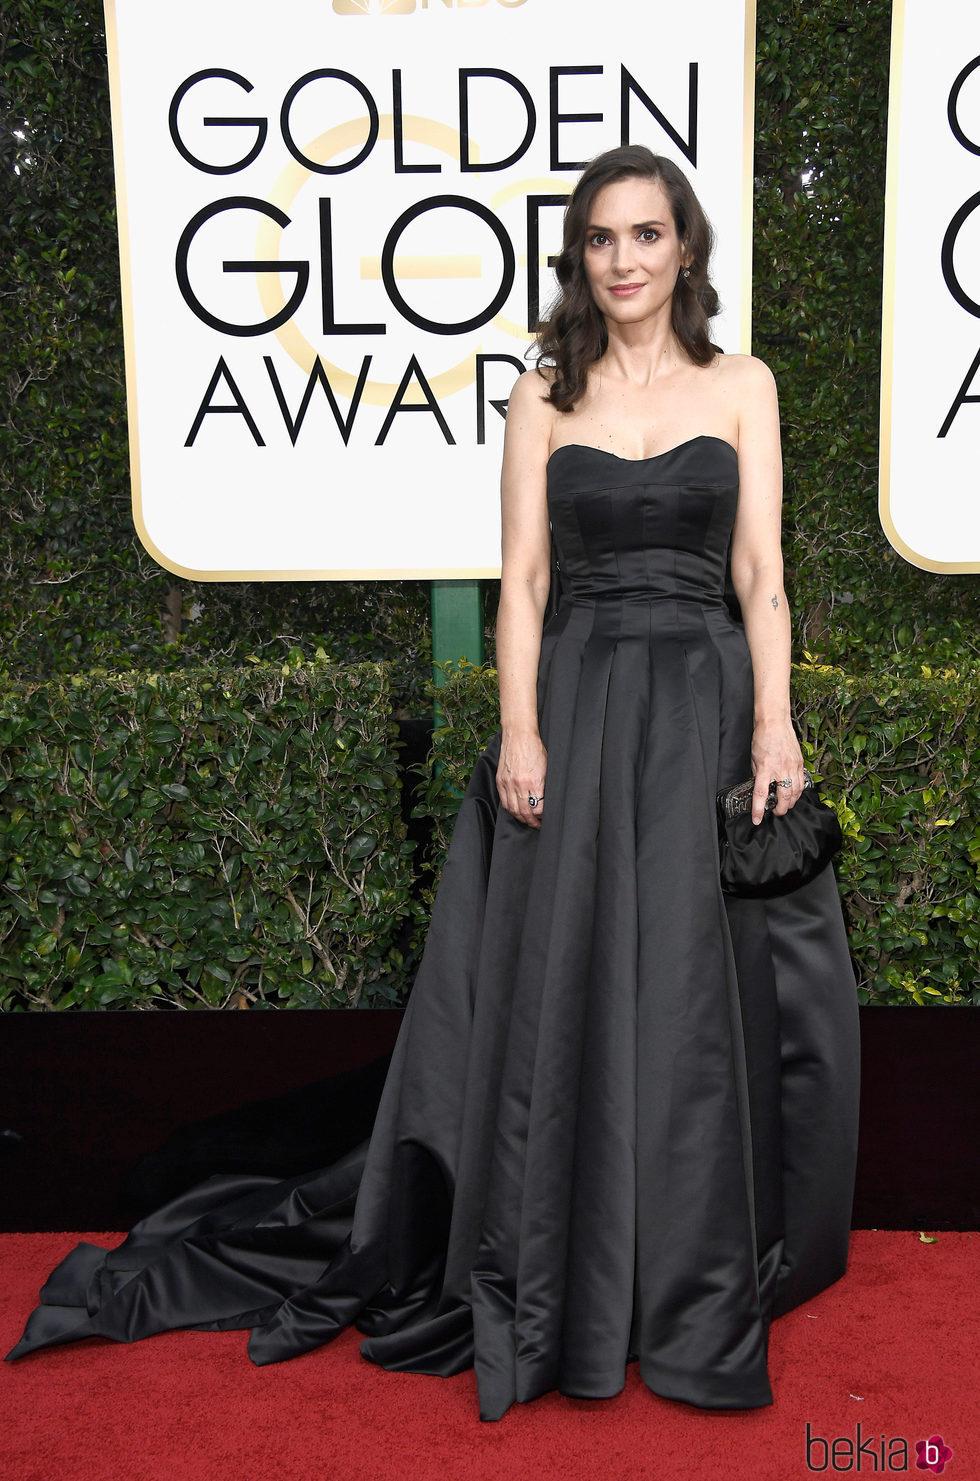 Winona Ryder en la alfombra roja de los Globos de Oro 2017